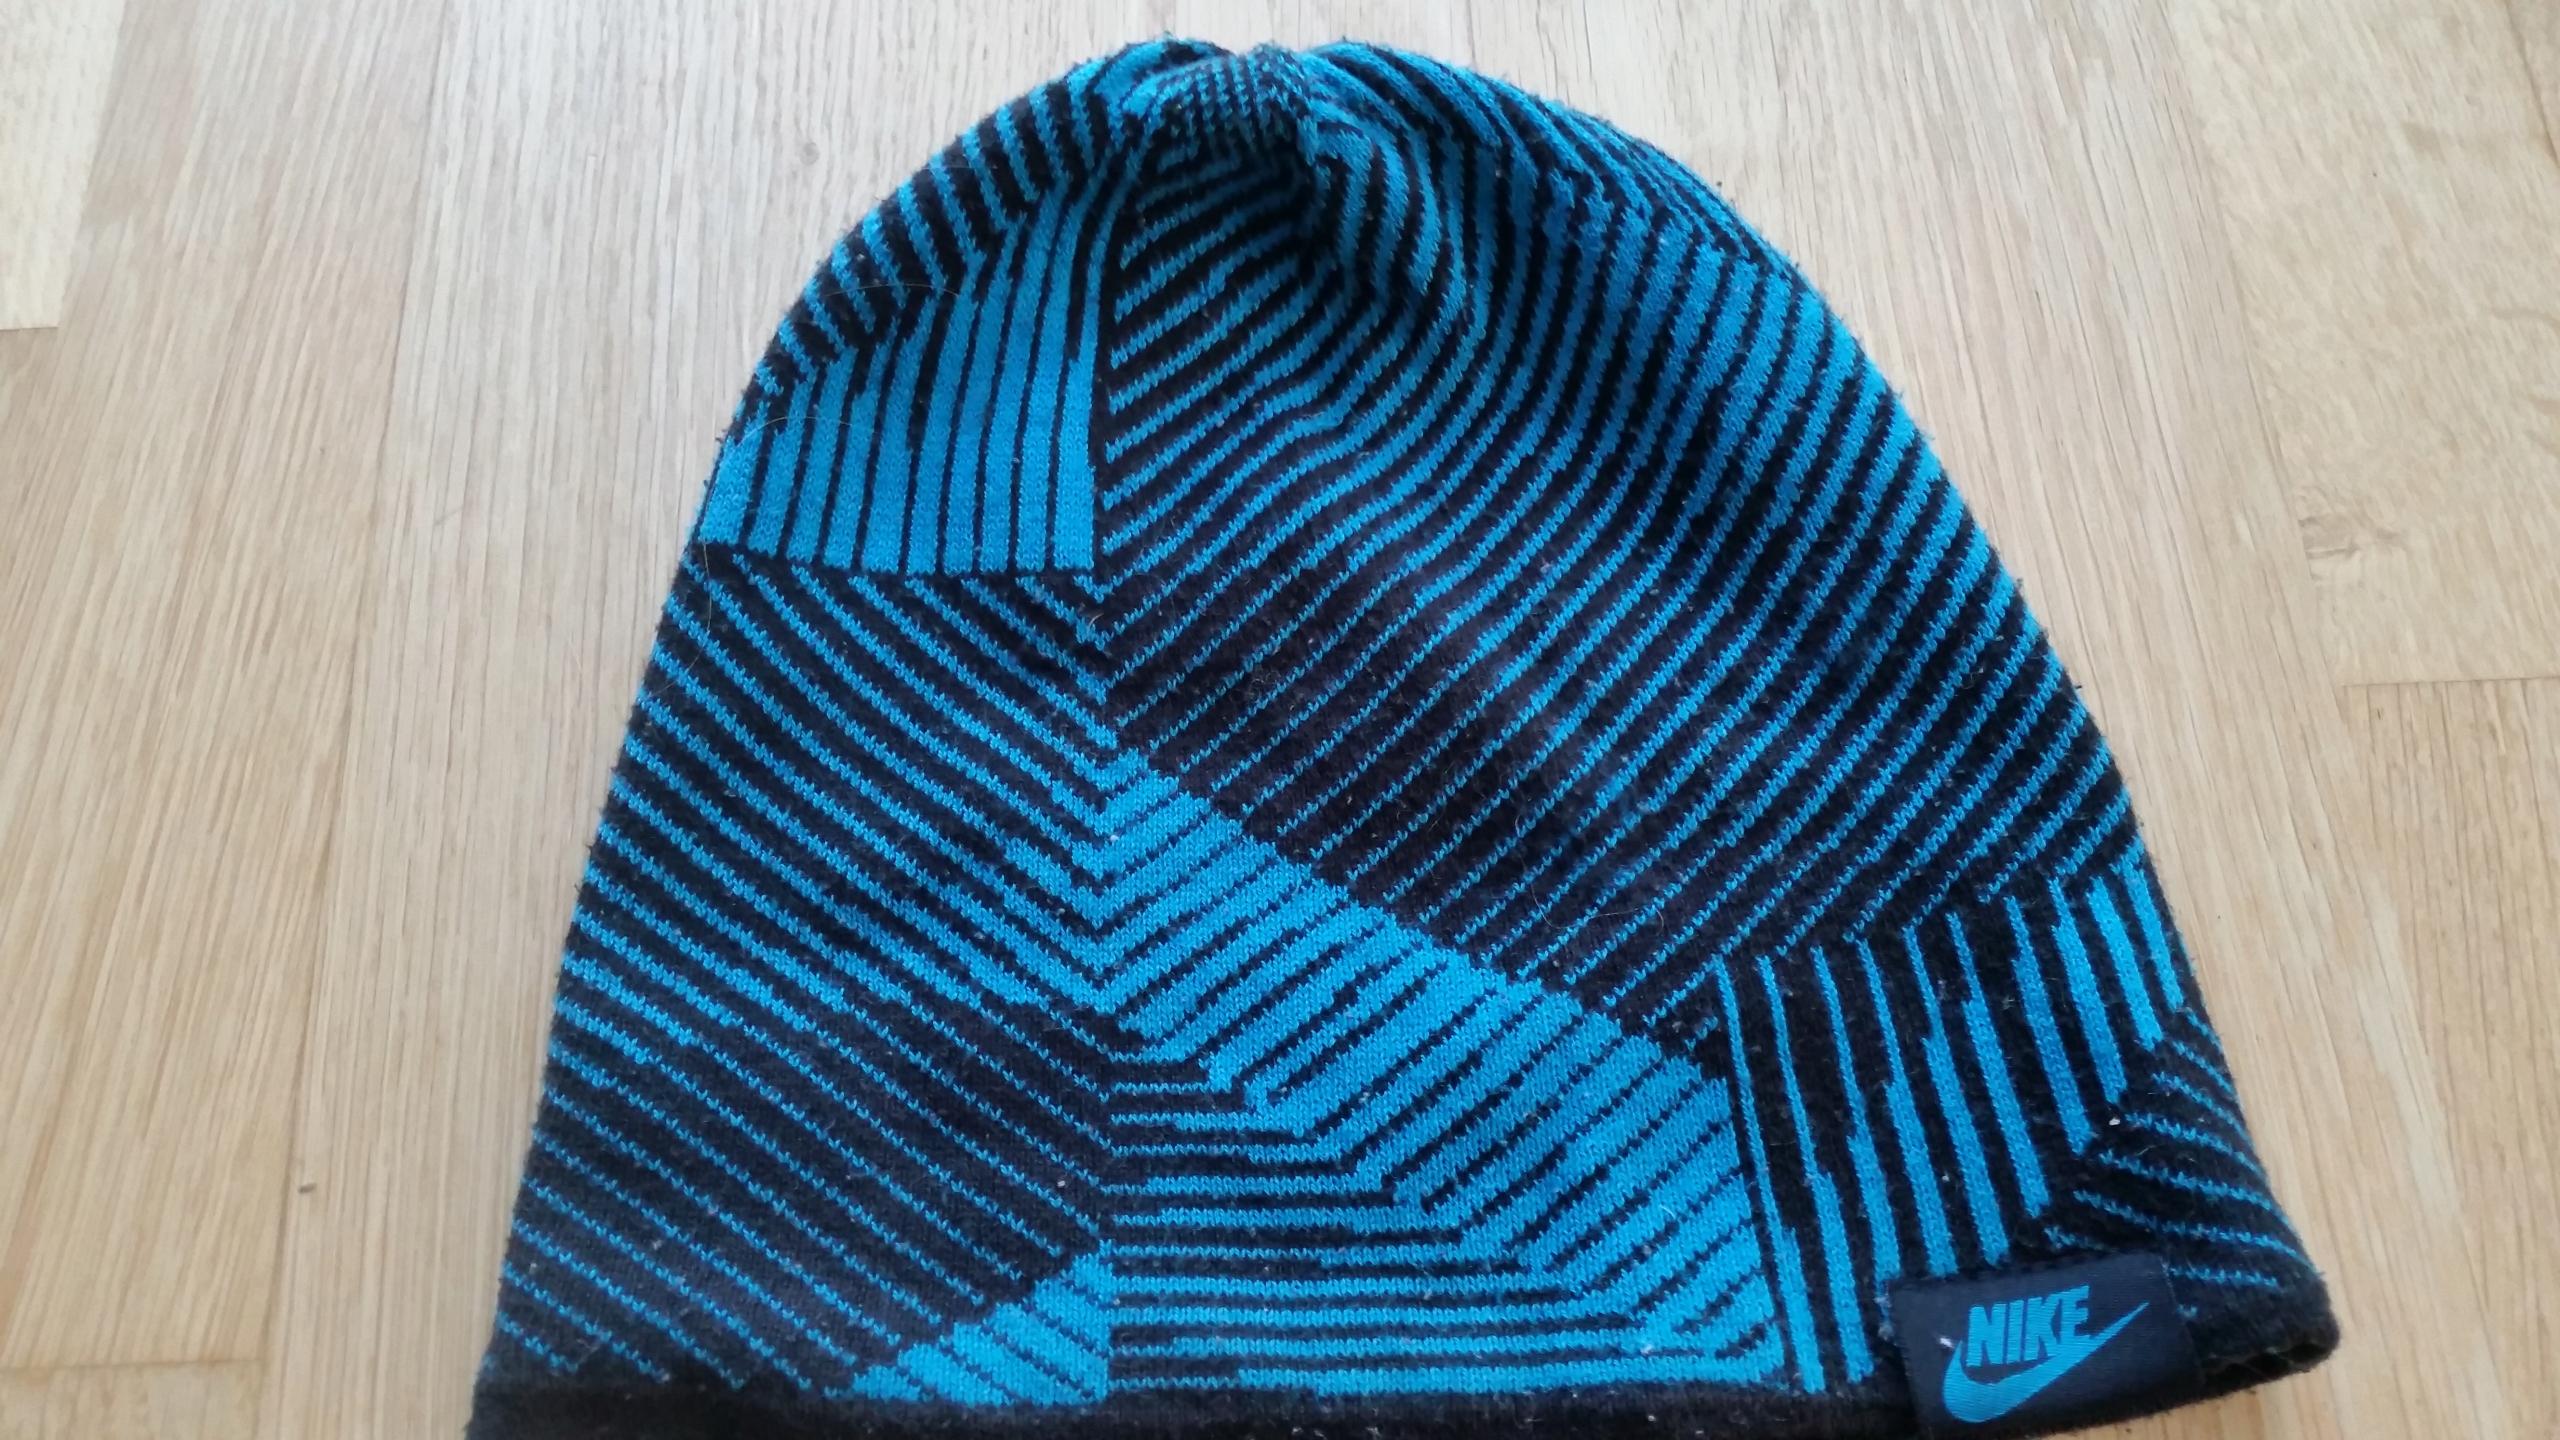 gorąca wyprzedaż brak podatku od sprzedaży dla całej rodziny czapka dla chłopca 10/12 lat nike